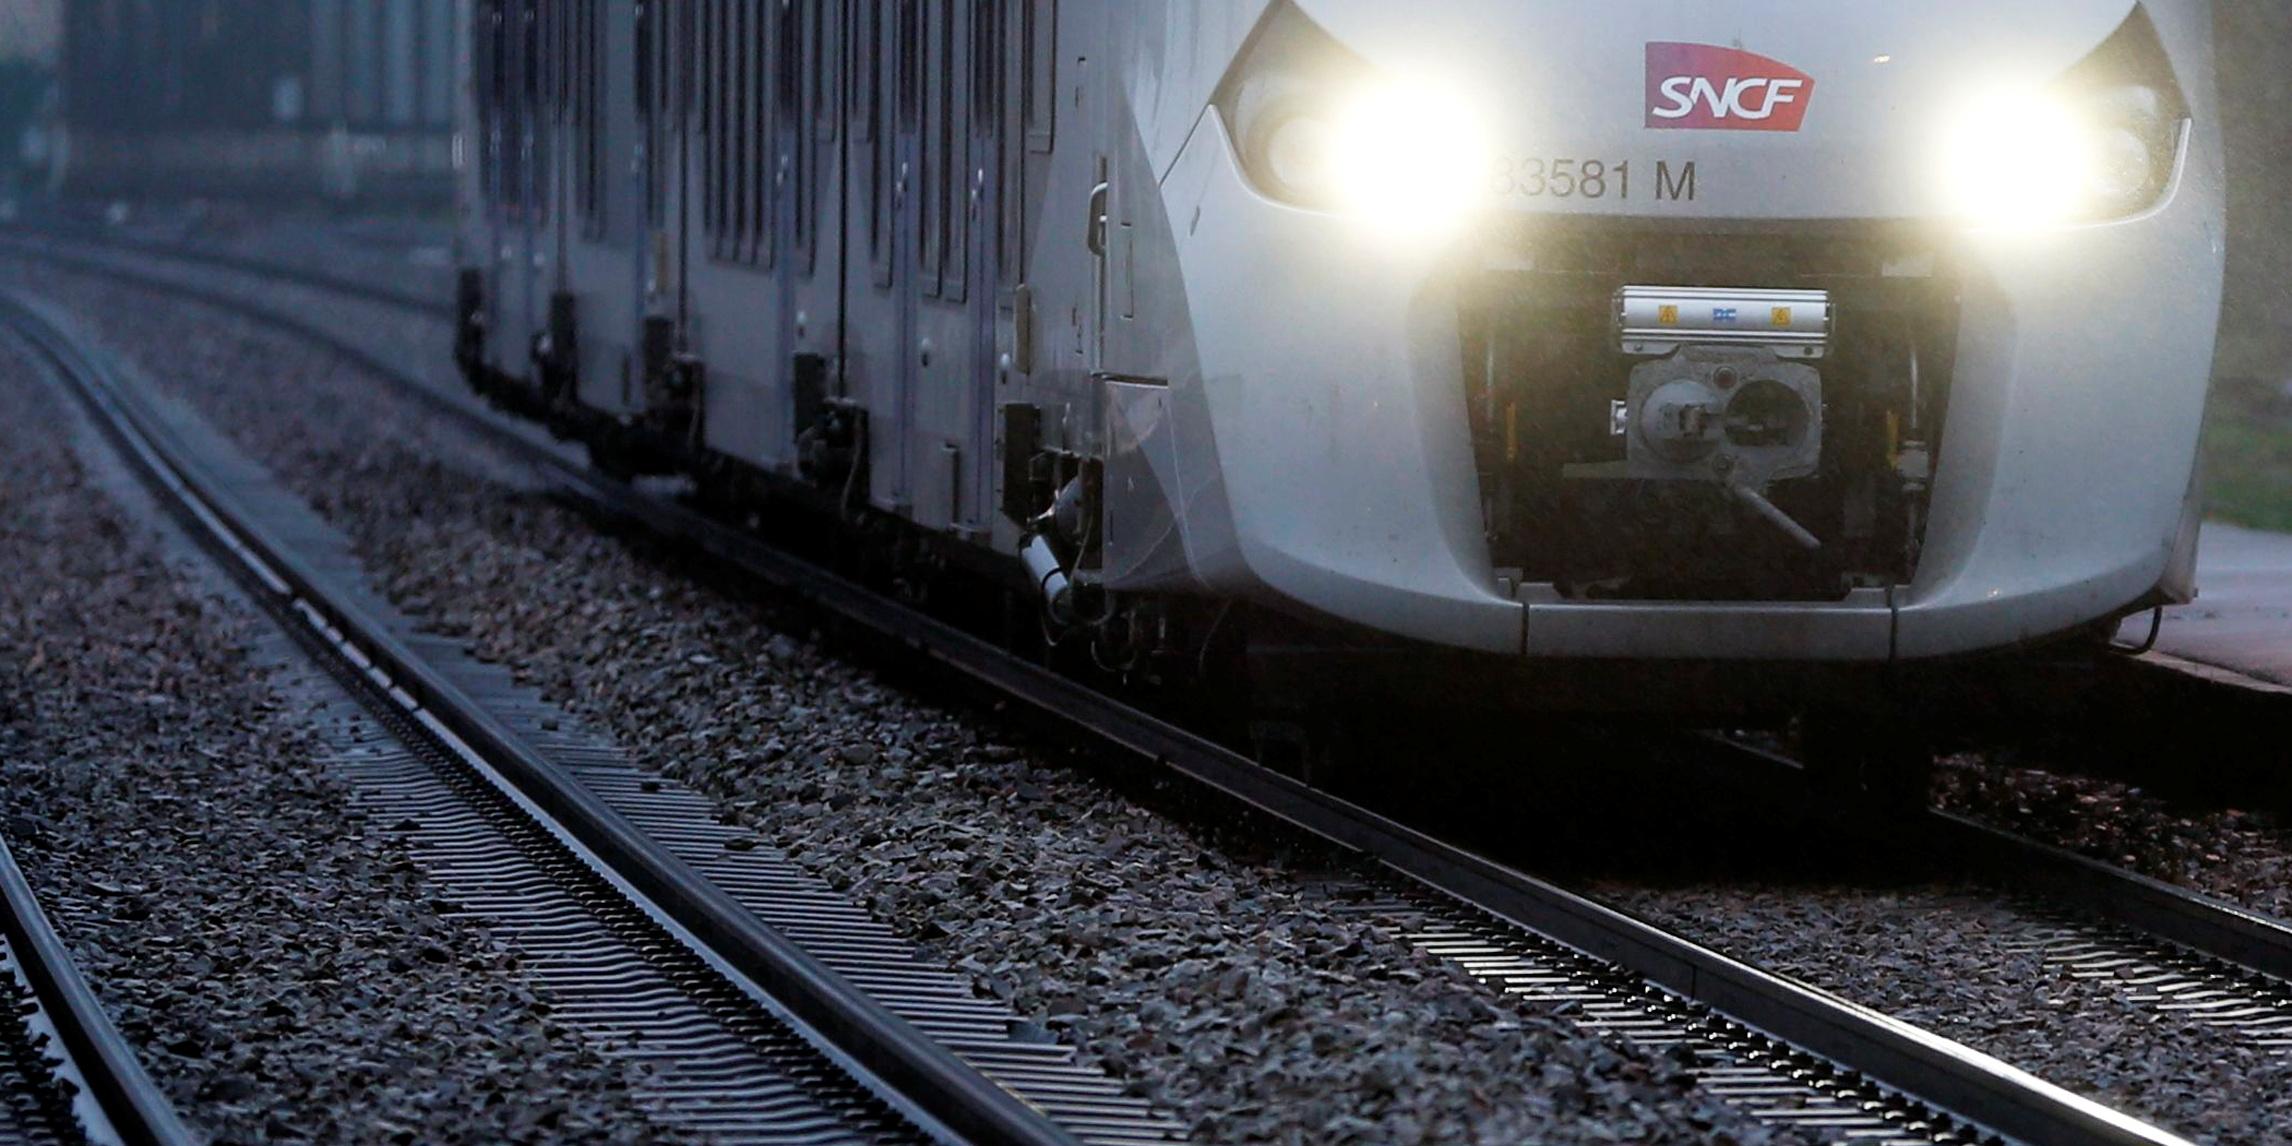 821fc73efa4 Réforme la SNCF   des tensions grandissantes entre puissance publique et  démocratie sociale